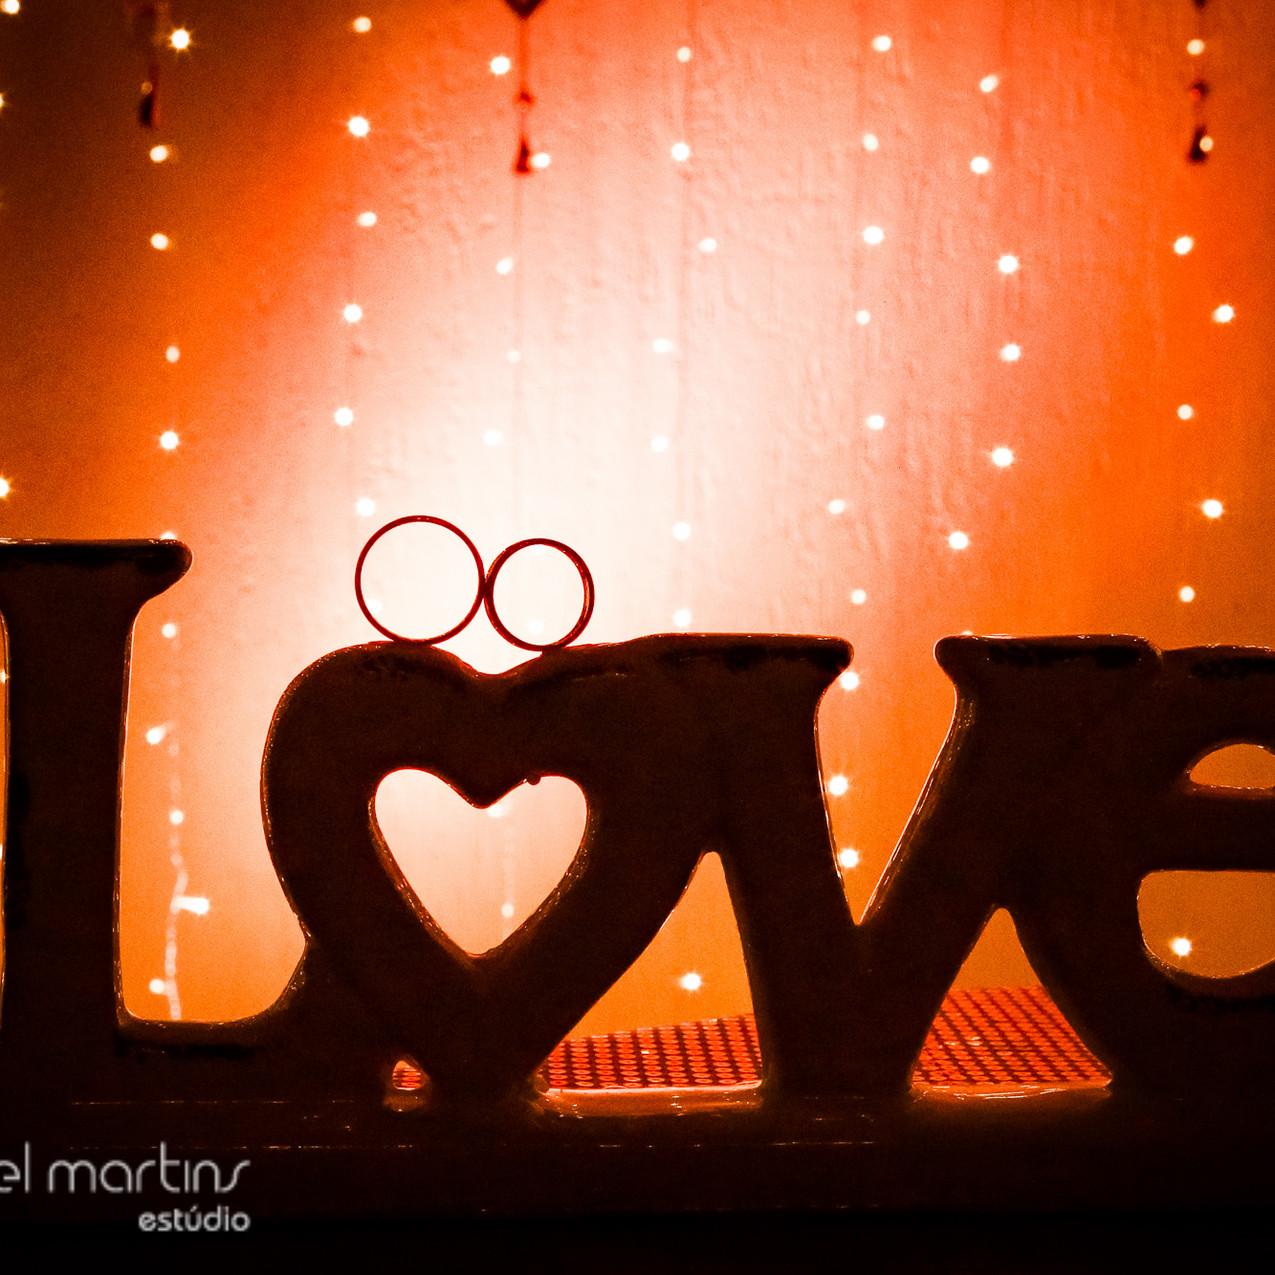 BeR-1419-fotografo-casamento-wedding-gotadagua-rustico-brunaeraul-boho-diy-portoalegre-daniel-martins